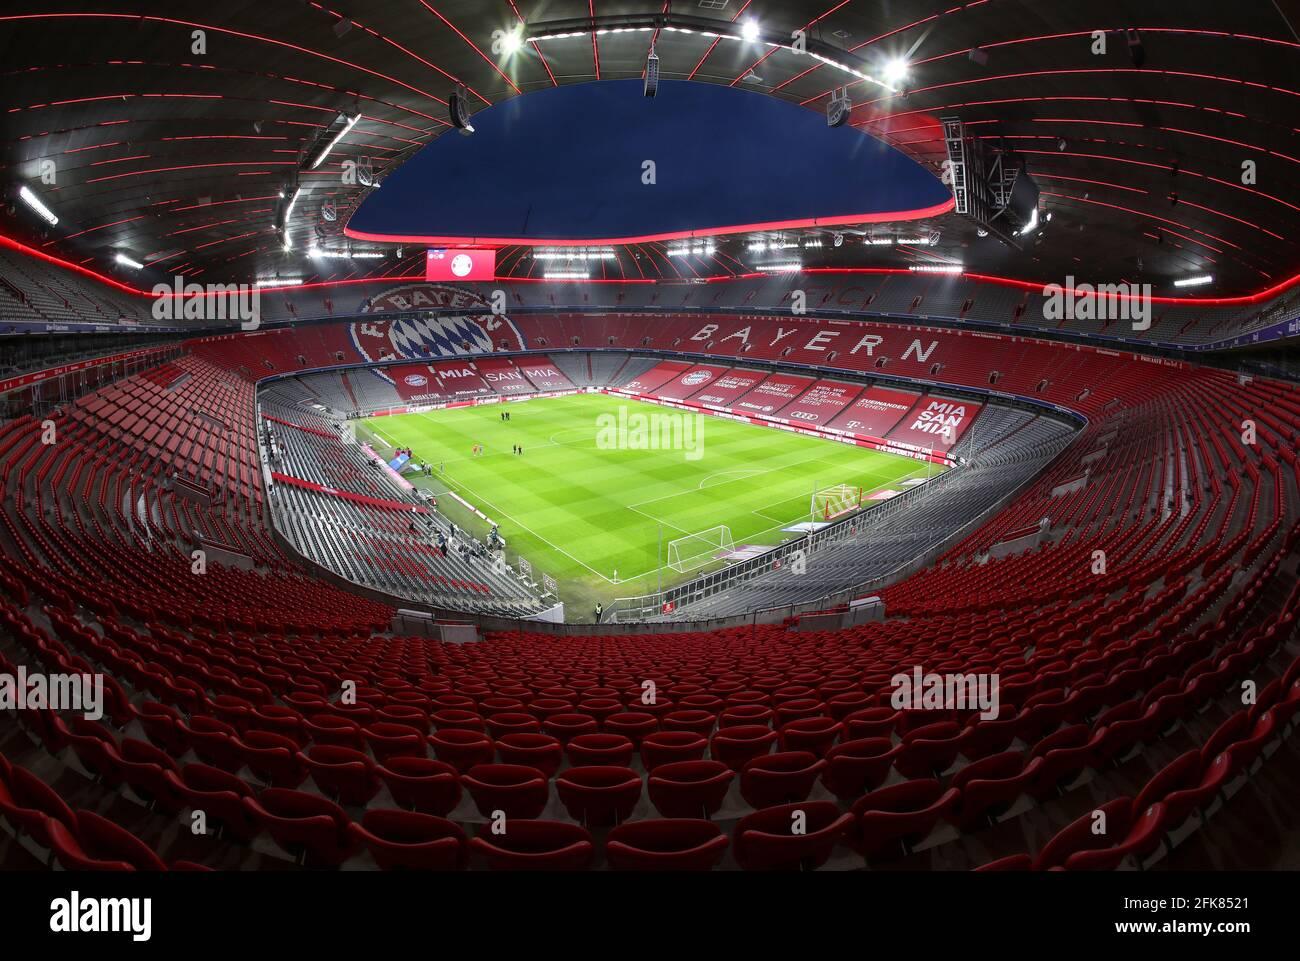 Stadion Allianz Arena in München Froettmaning für die UEFA Euro 2020 / 2021 Fußball Europameisterschaft Fußballstadion vom FC Bayern München © diebilderwelt / Alamy Stock Stockfoto